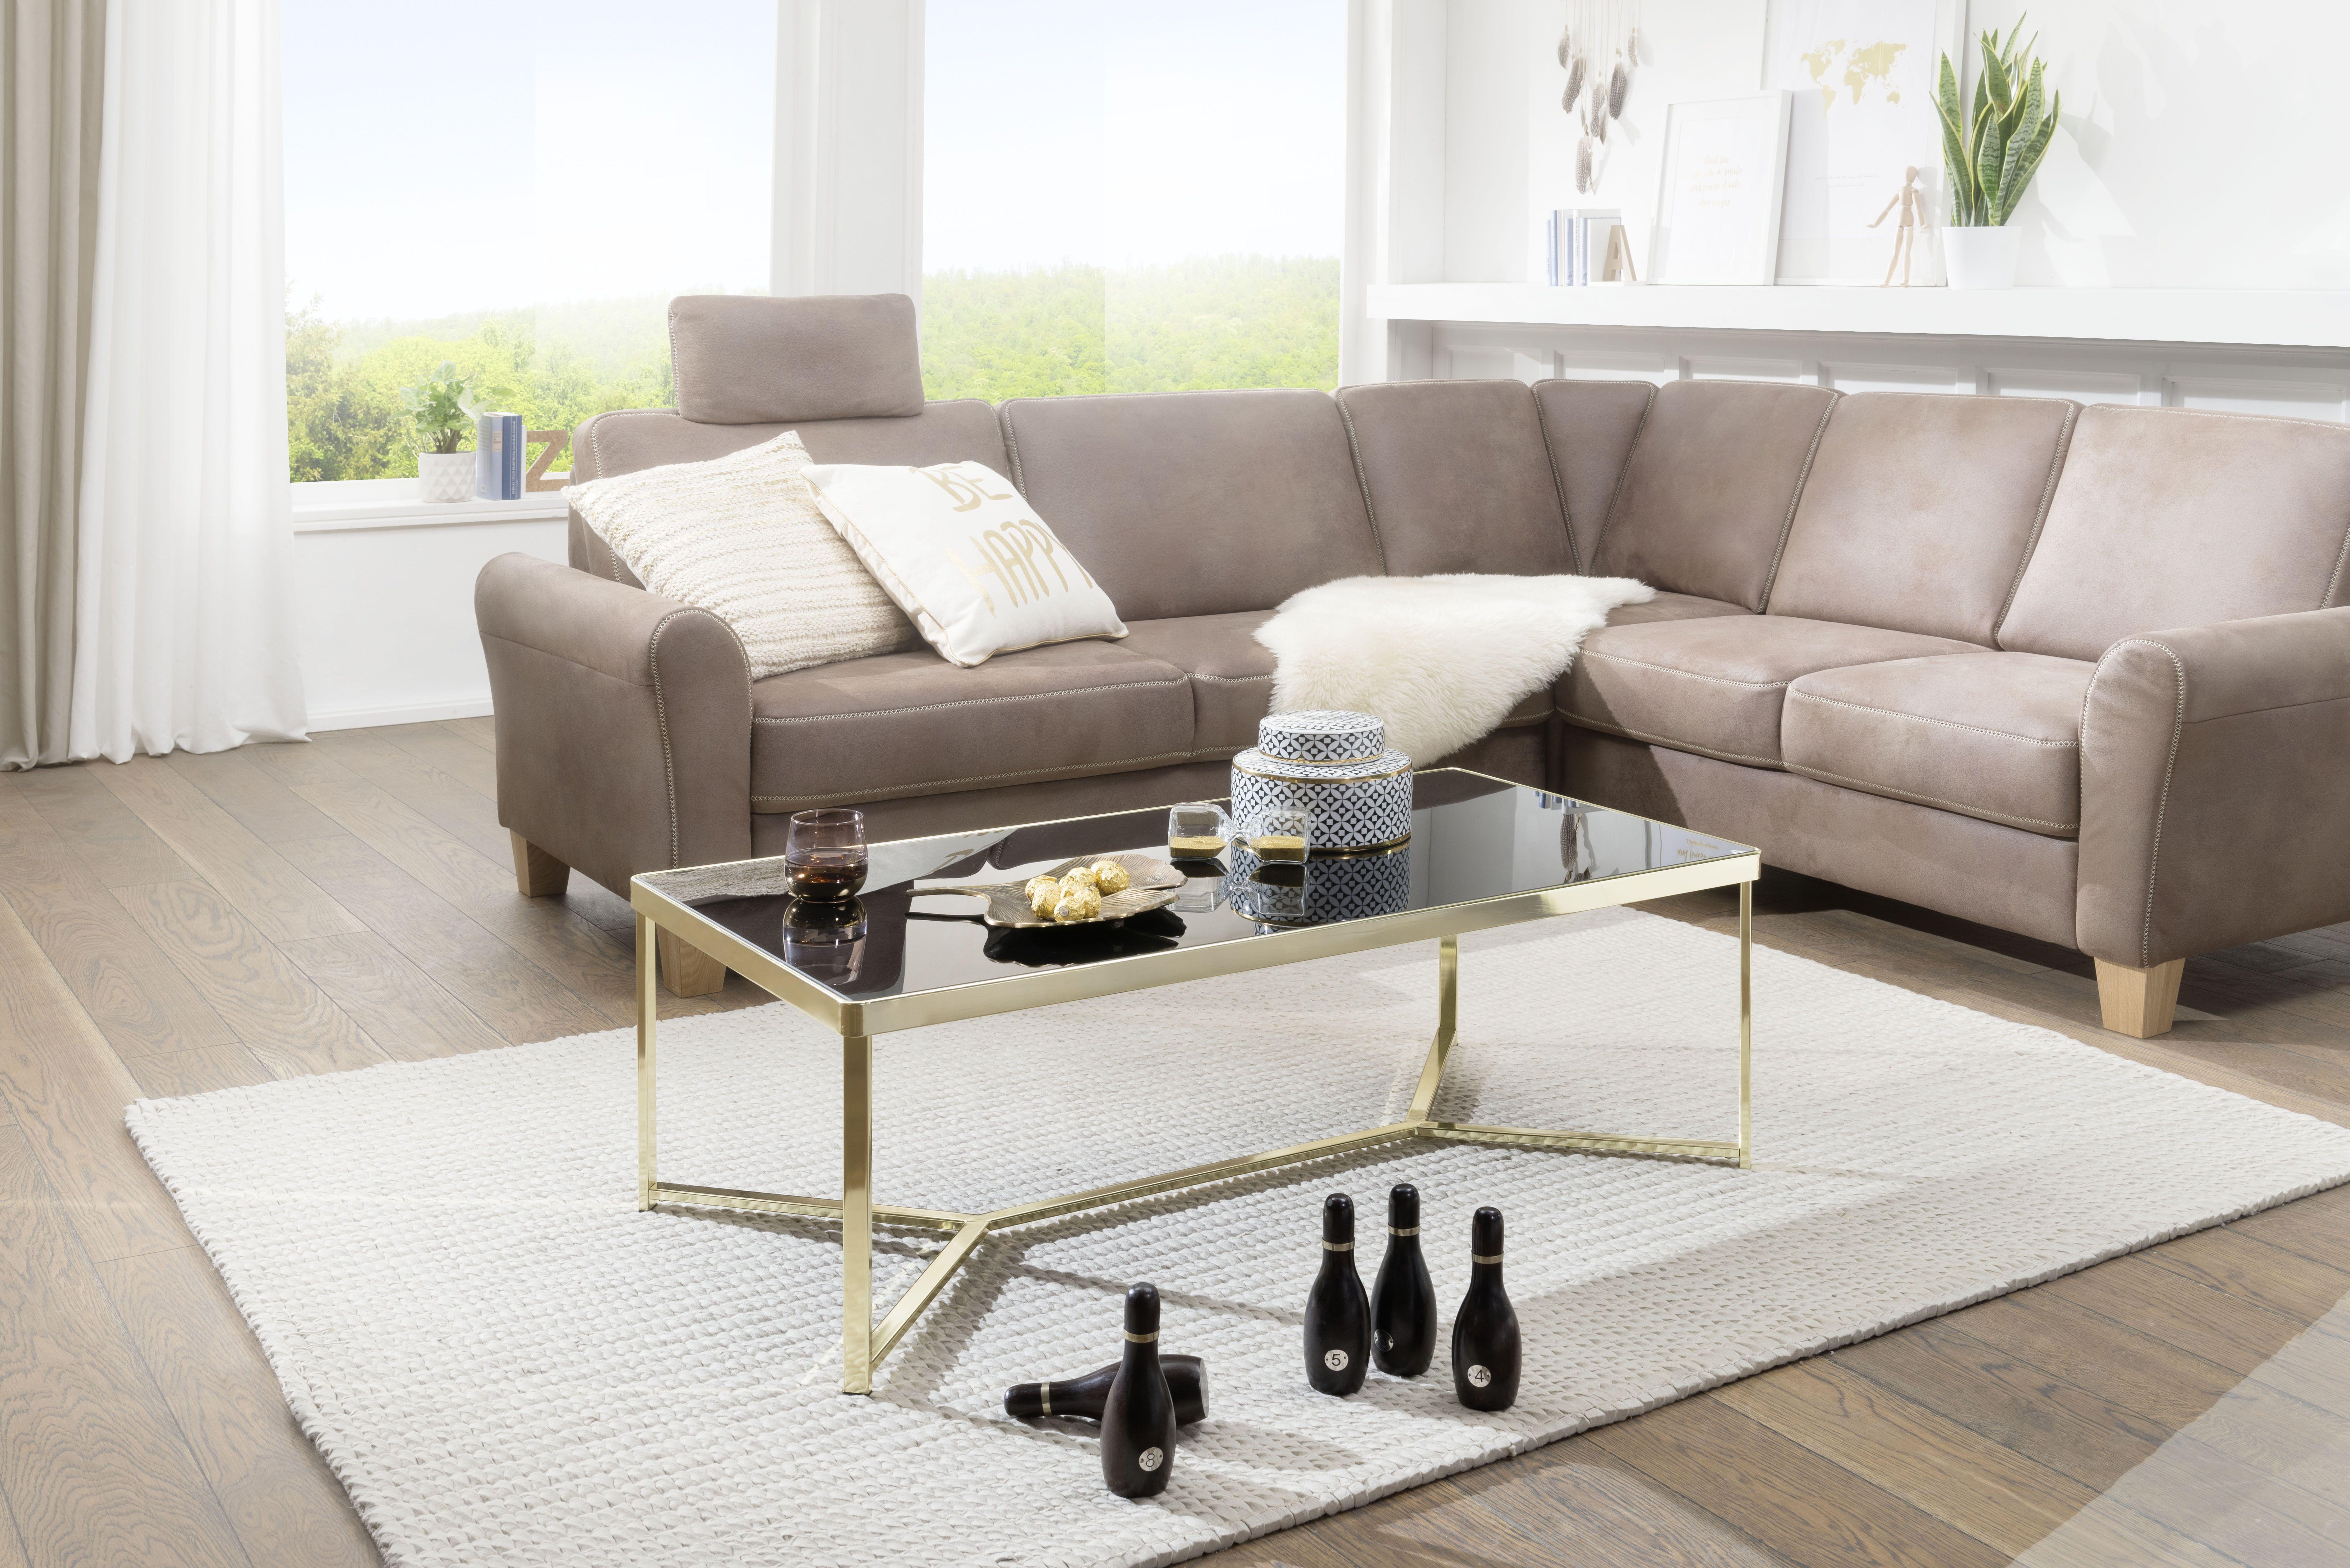 Couchtisch Dekorieren Modern Wohnzimmertisch Modern Deko Ideen